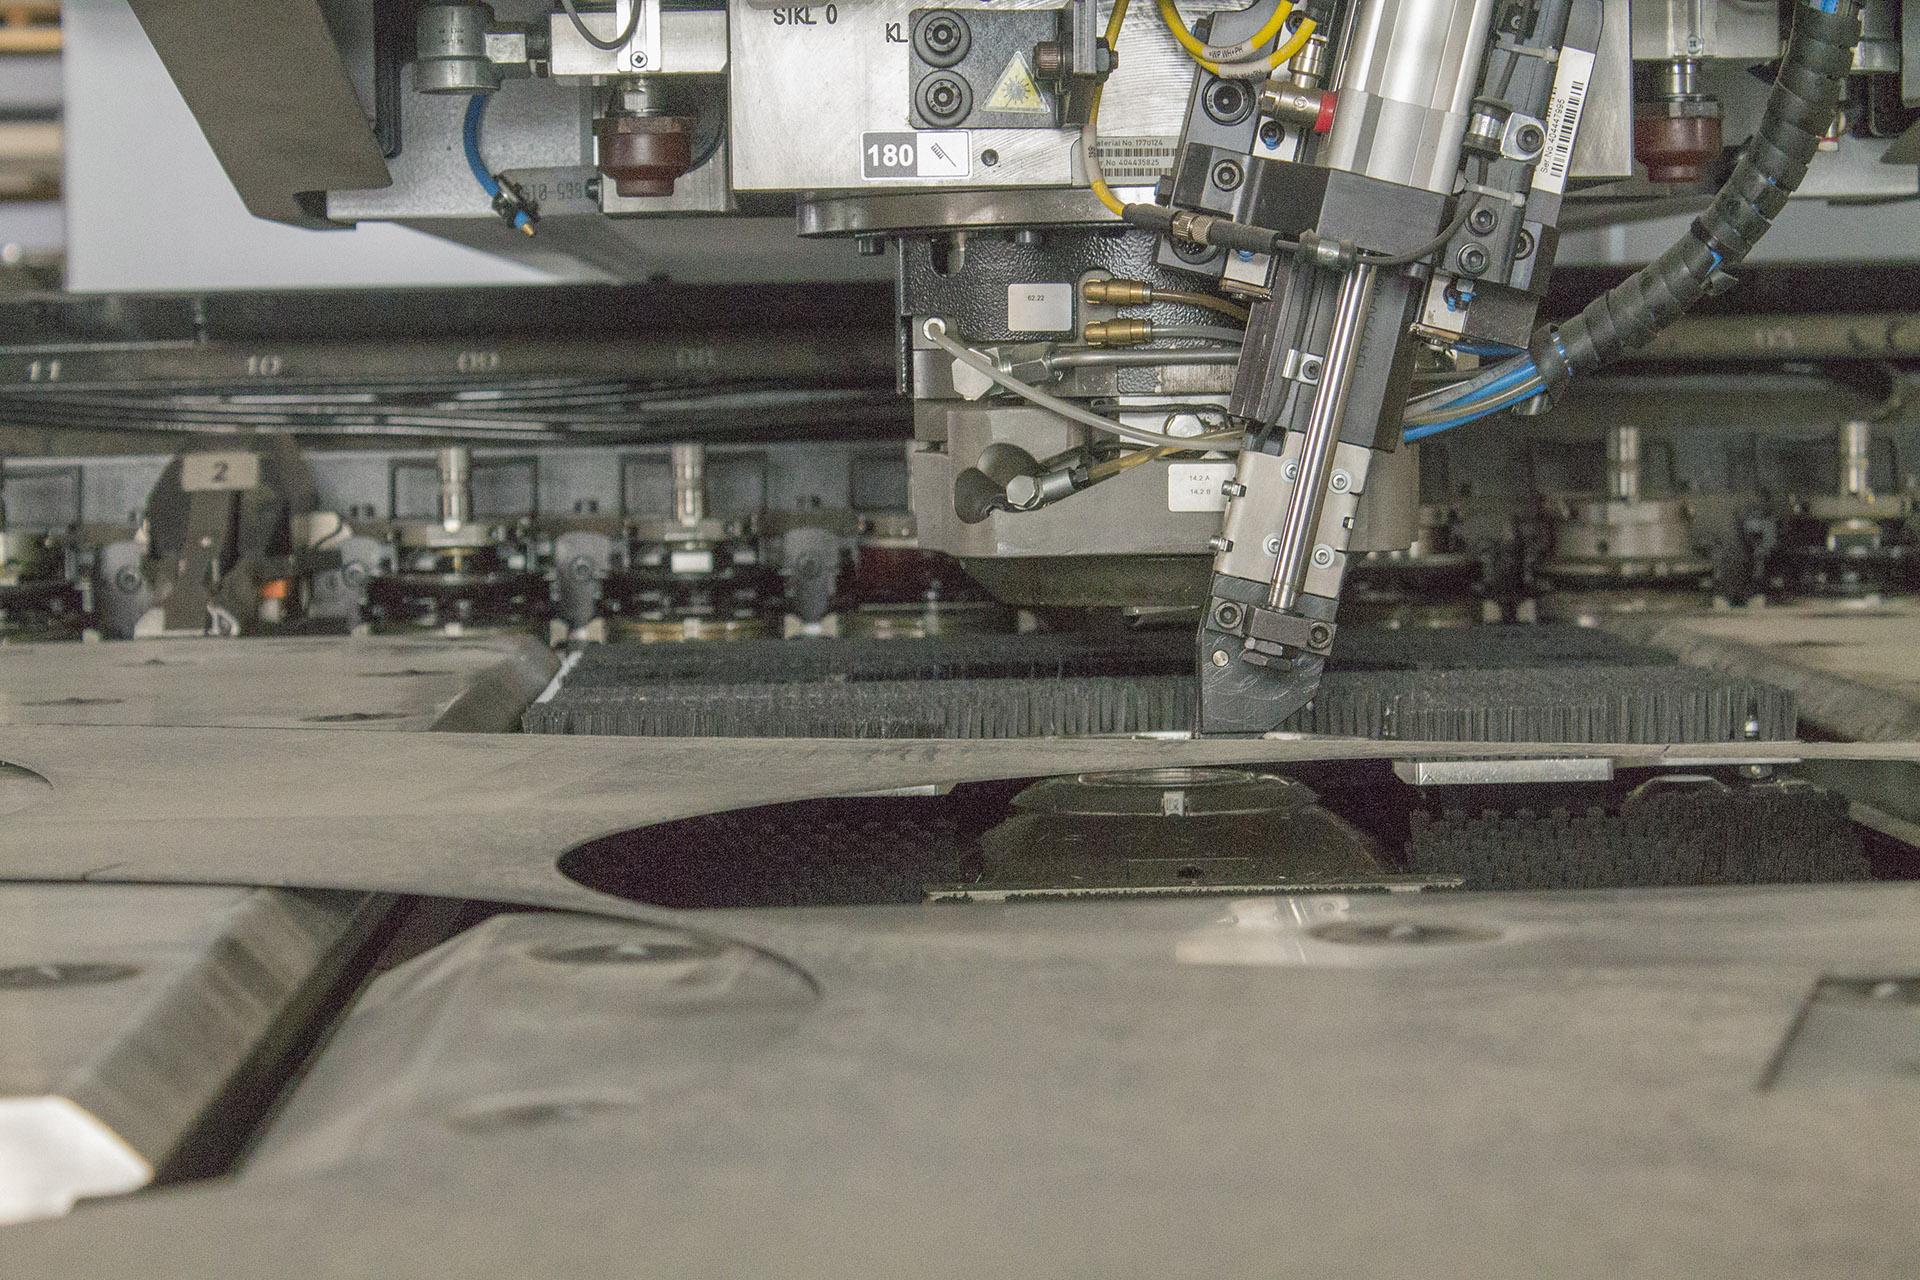 LPT: dettaglio della macchina macchina punzonatrice